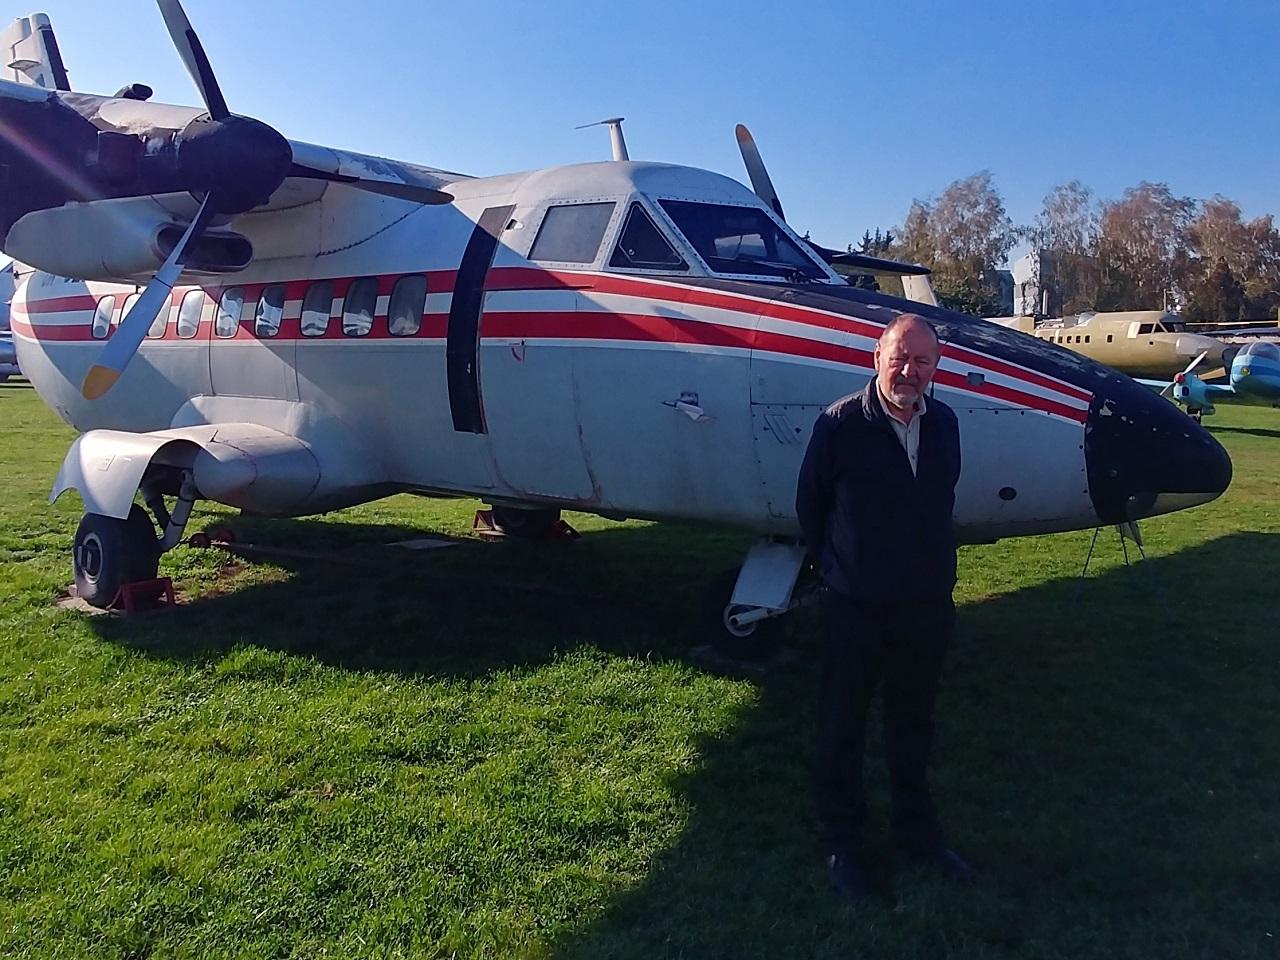 Autor knihy Na cestách s L-410 podepsal na palubě tohoto letounu svou knihu čtenářům Flying Revue